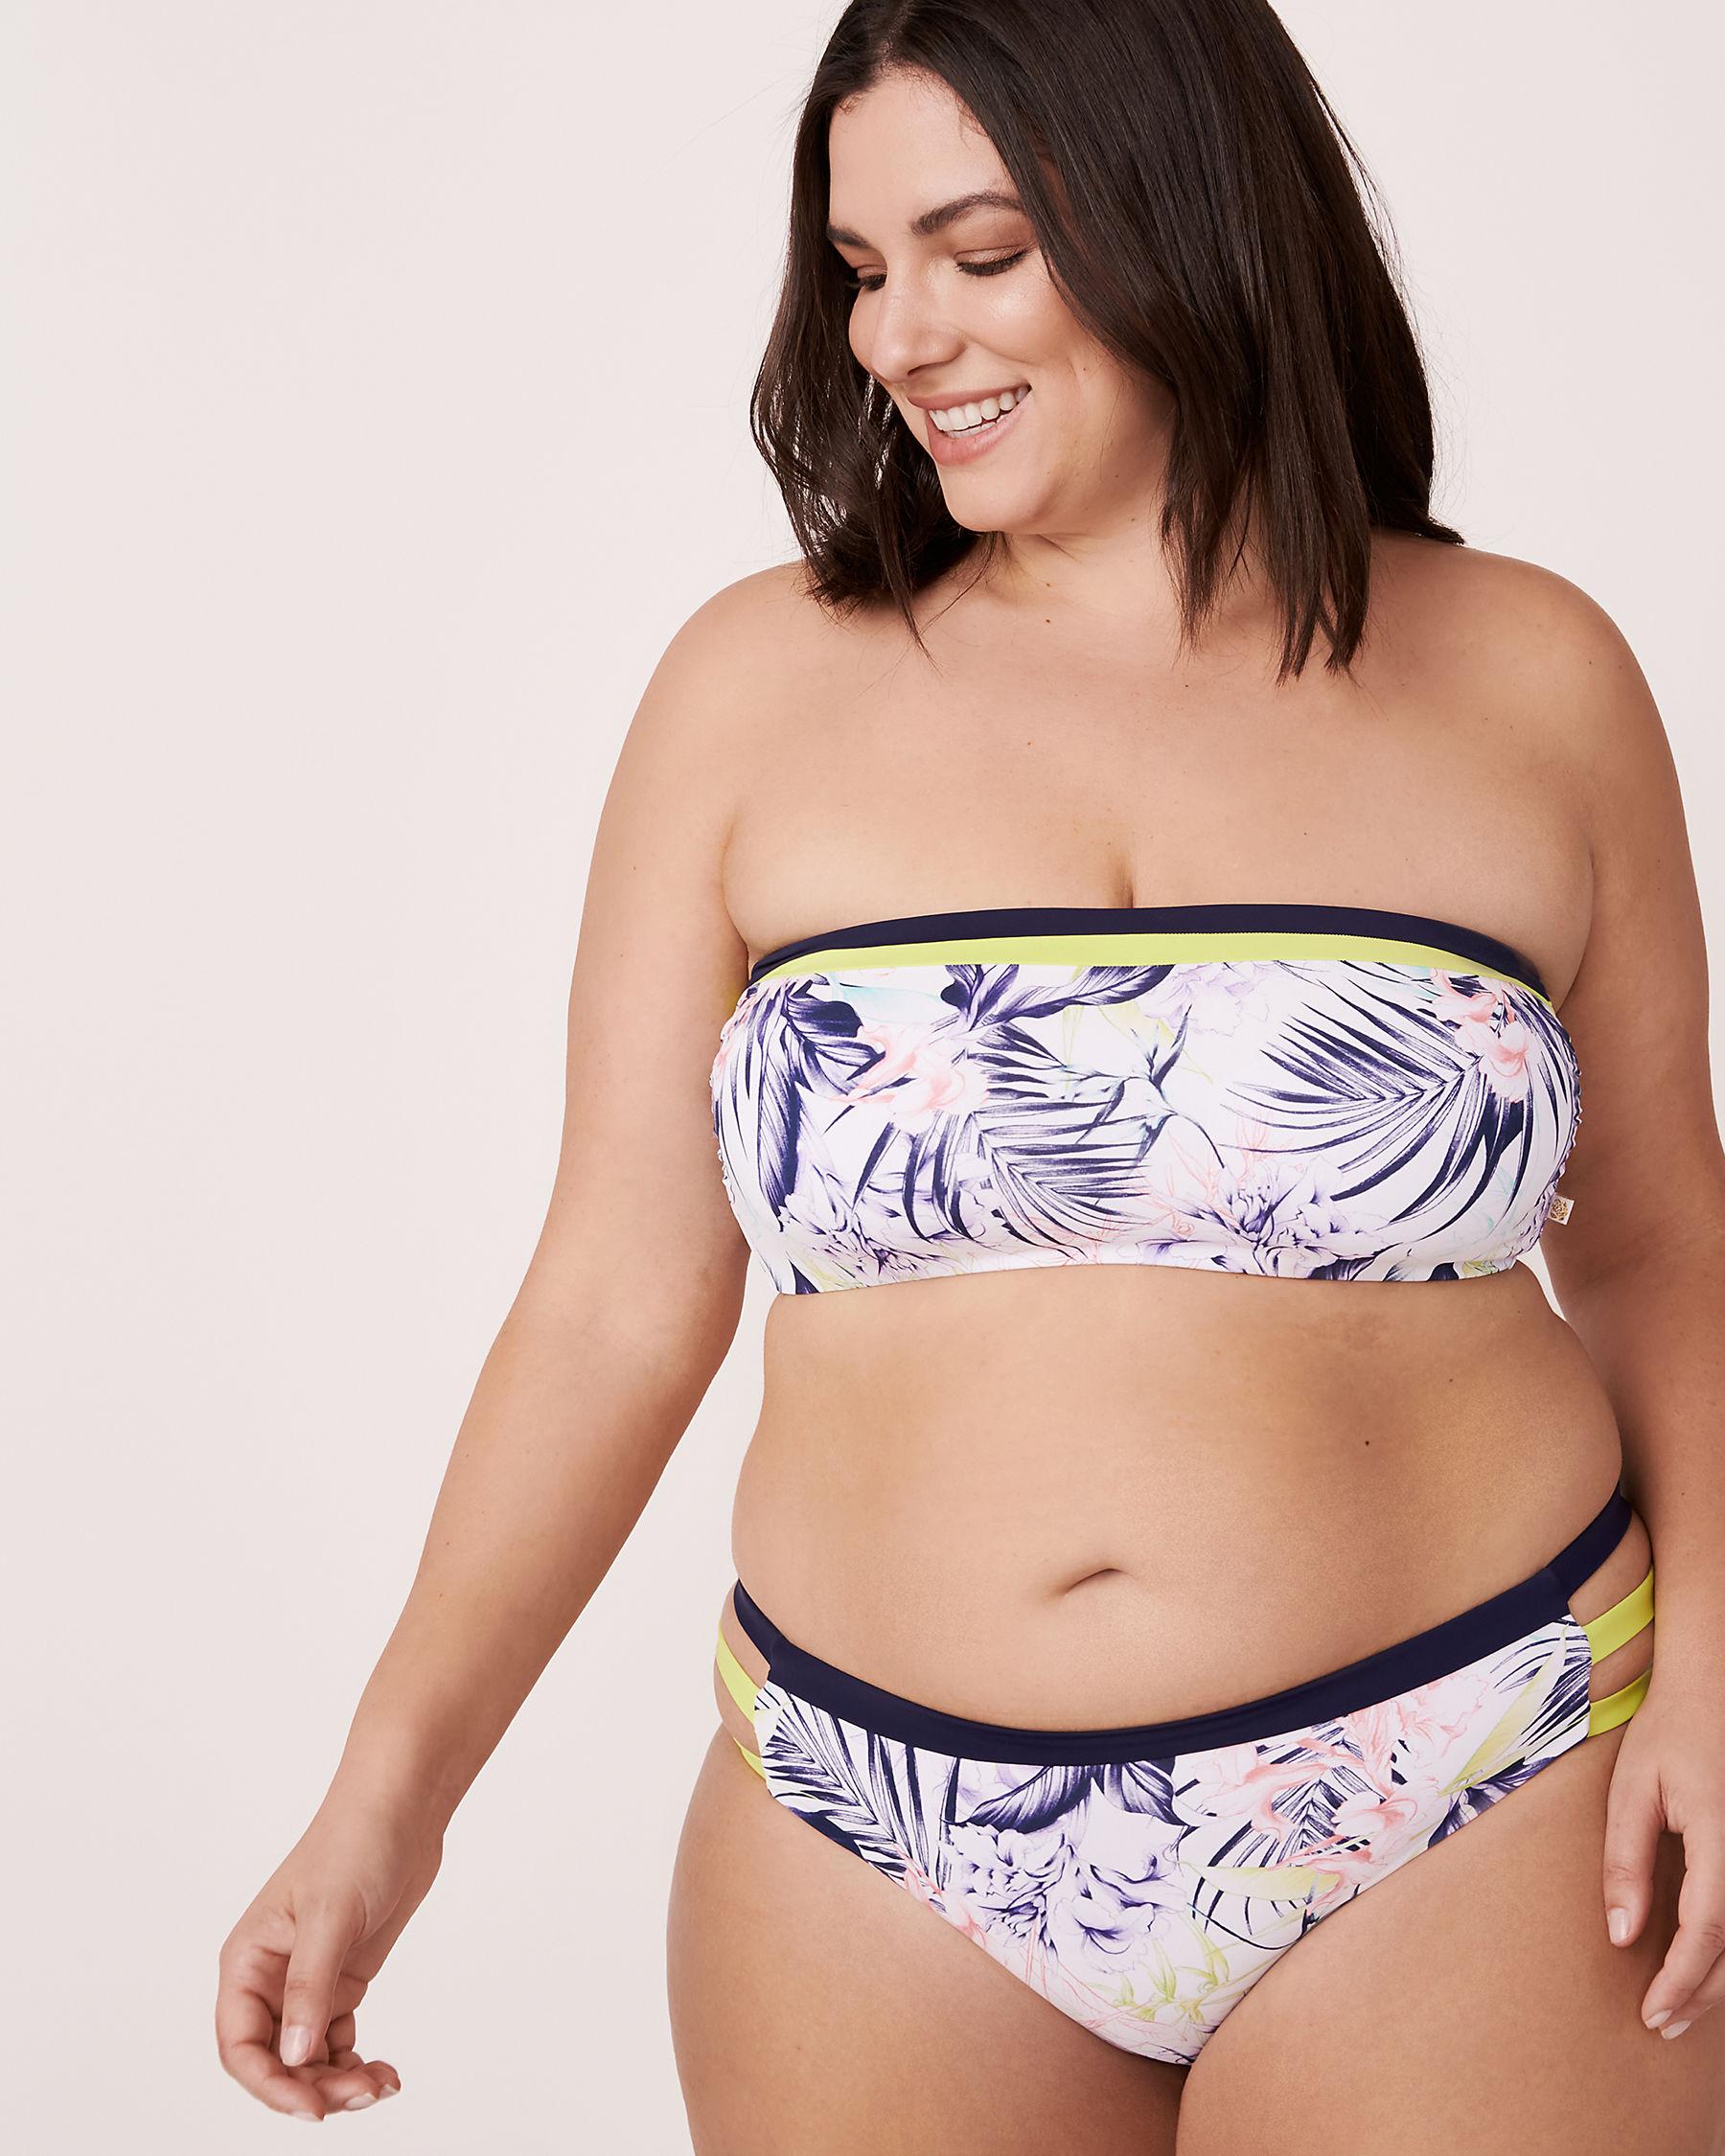 LA VIE EN ROSE AQUA Haut de bikini bandeau lacé RIVER Imprimé tropical 70100011 - Voir3